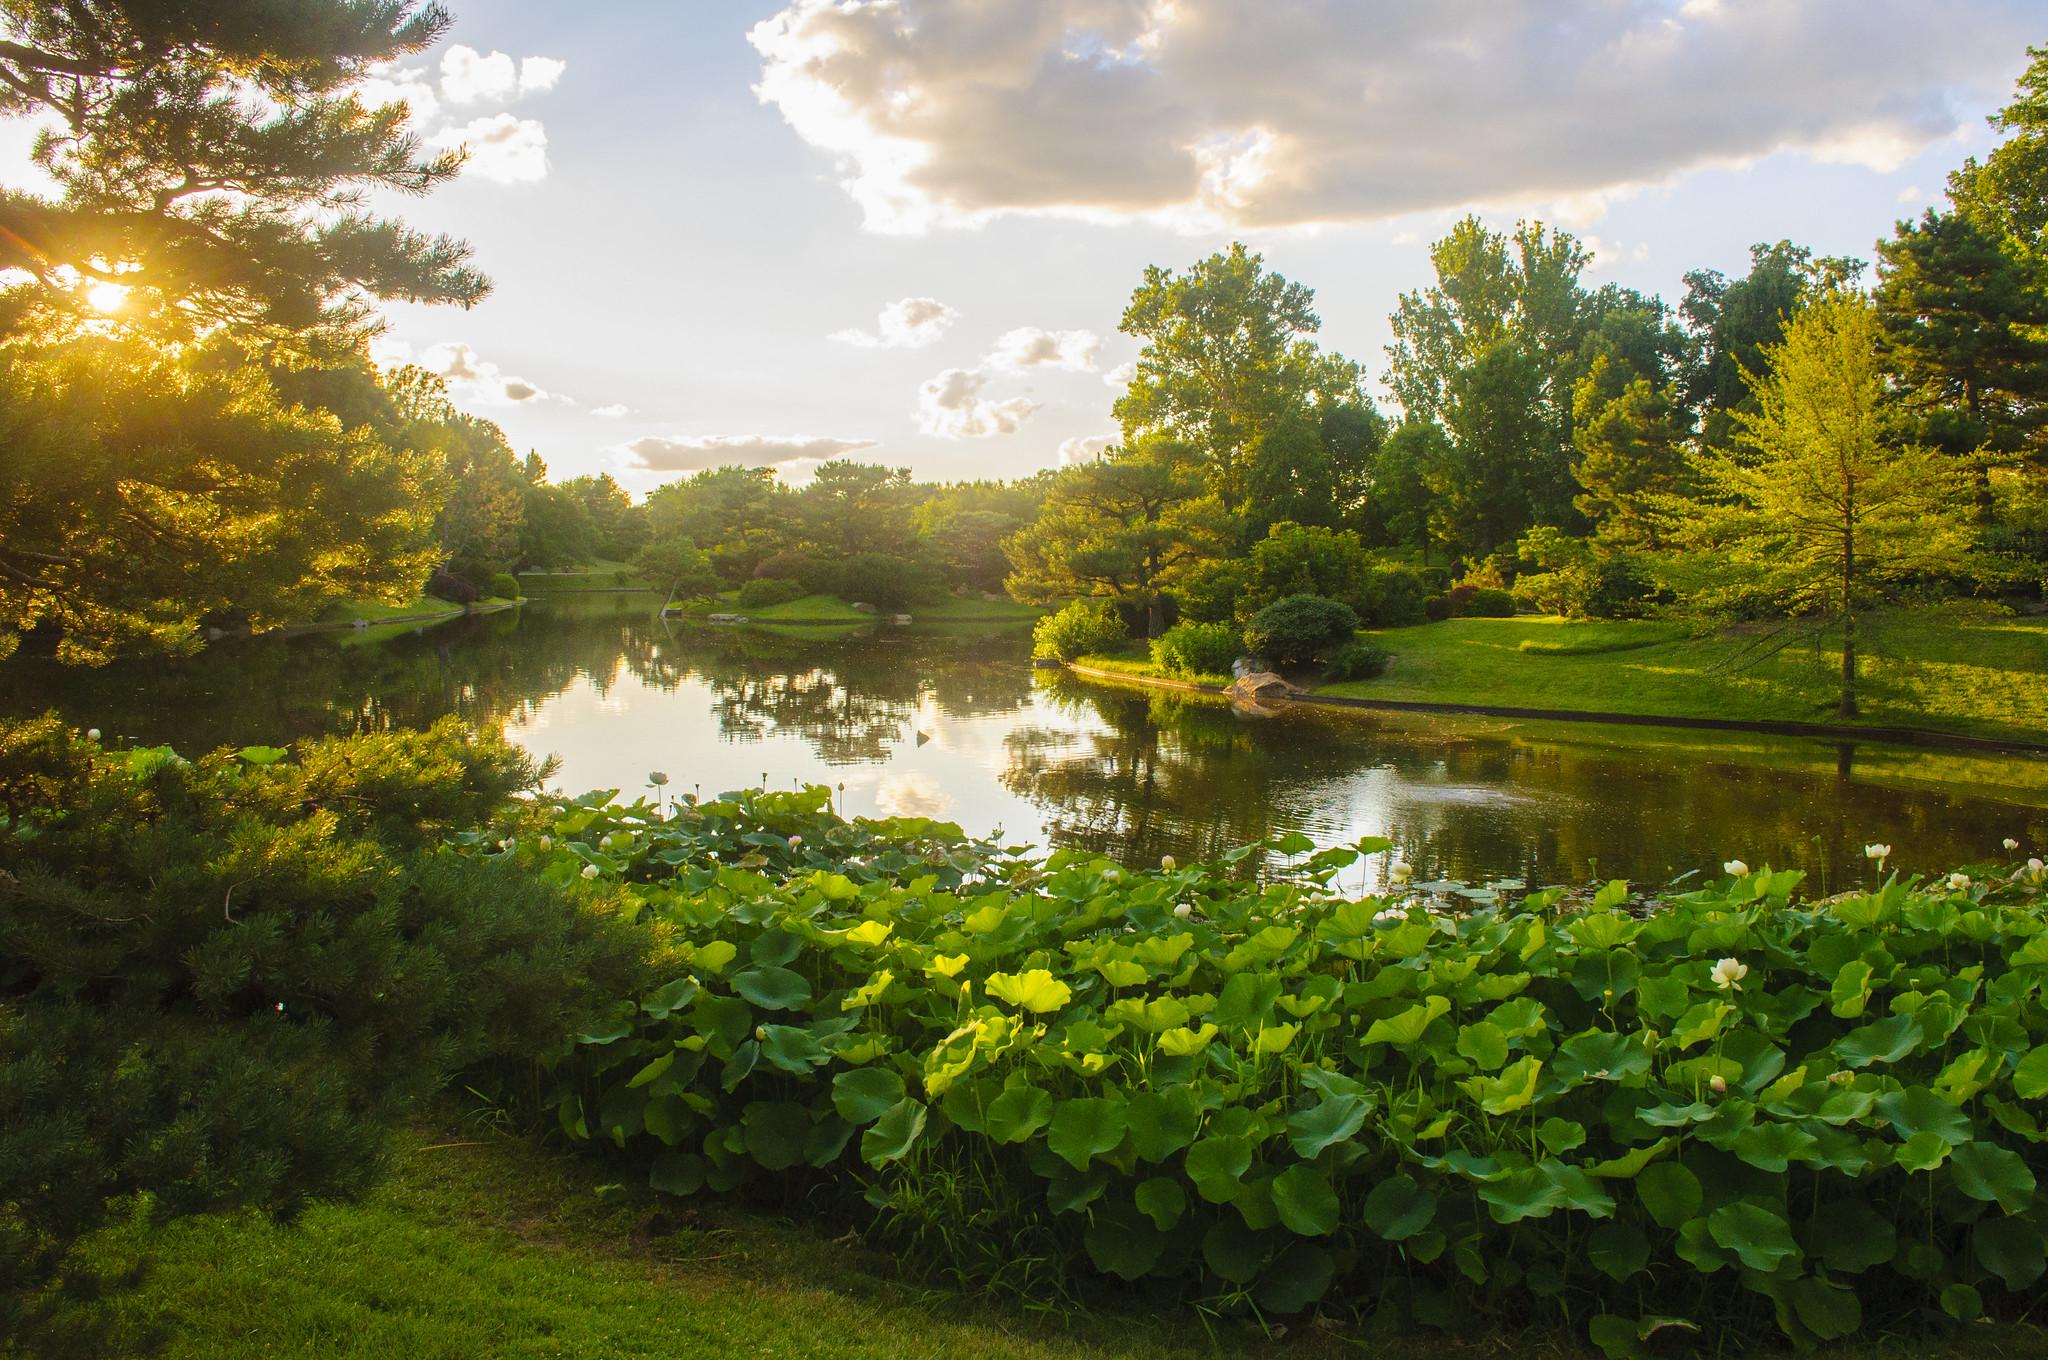 Missouri Botanical Garden Flickr